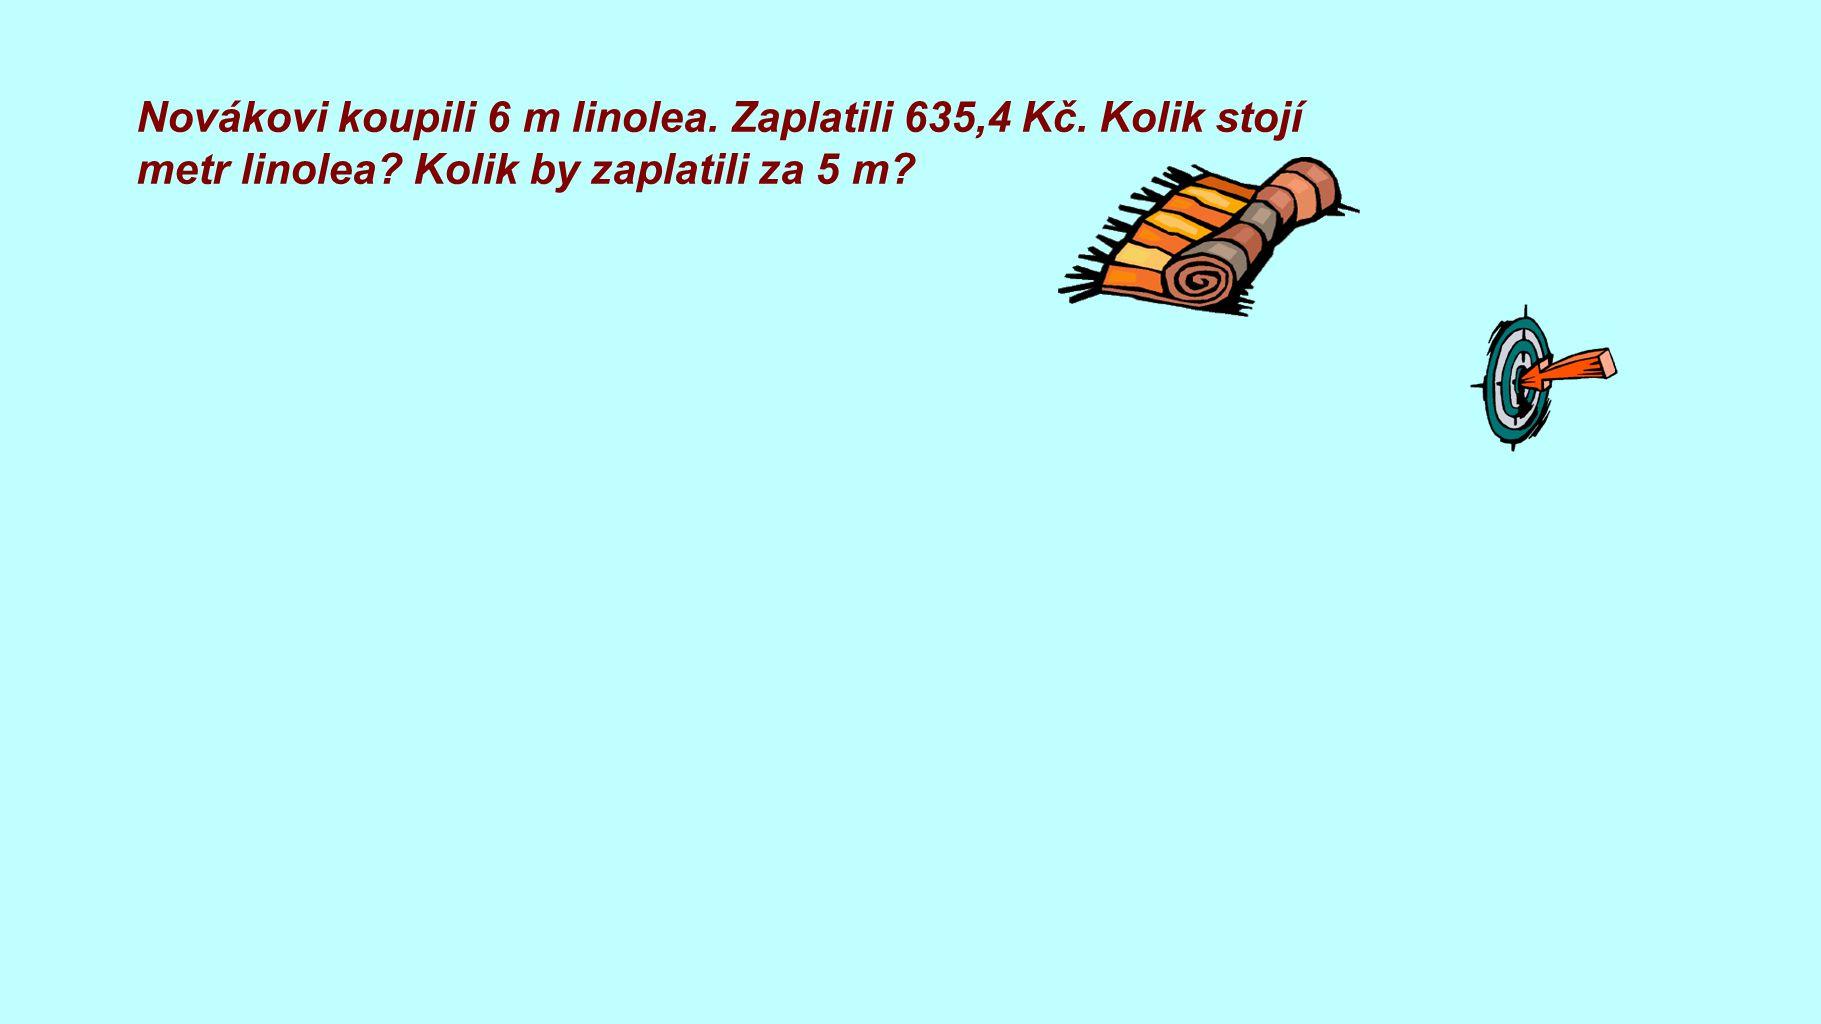 Novákovi koupili 6 m linolea. Zaplatili 635,4 Kč. Kolik stojí